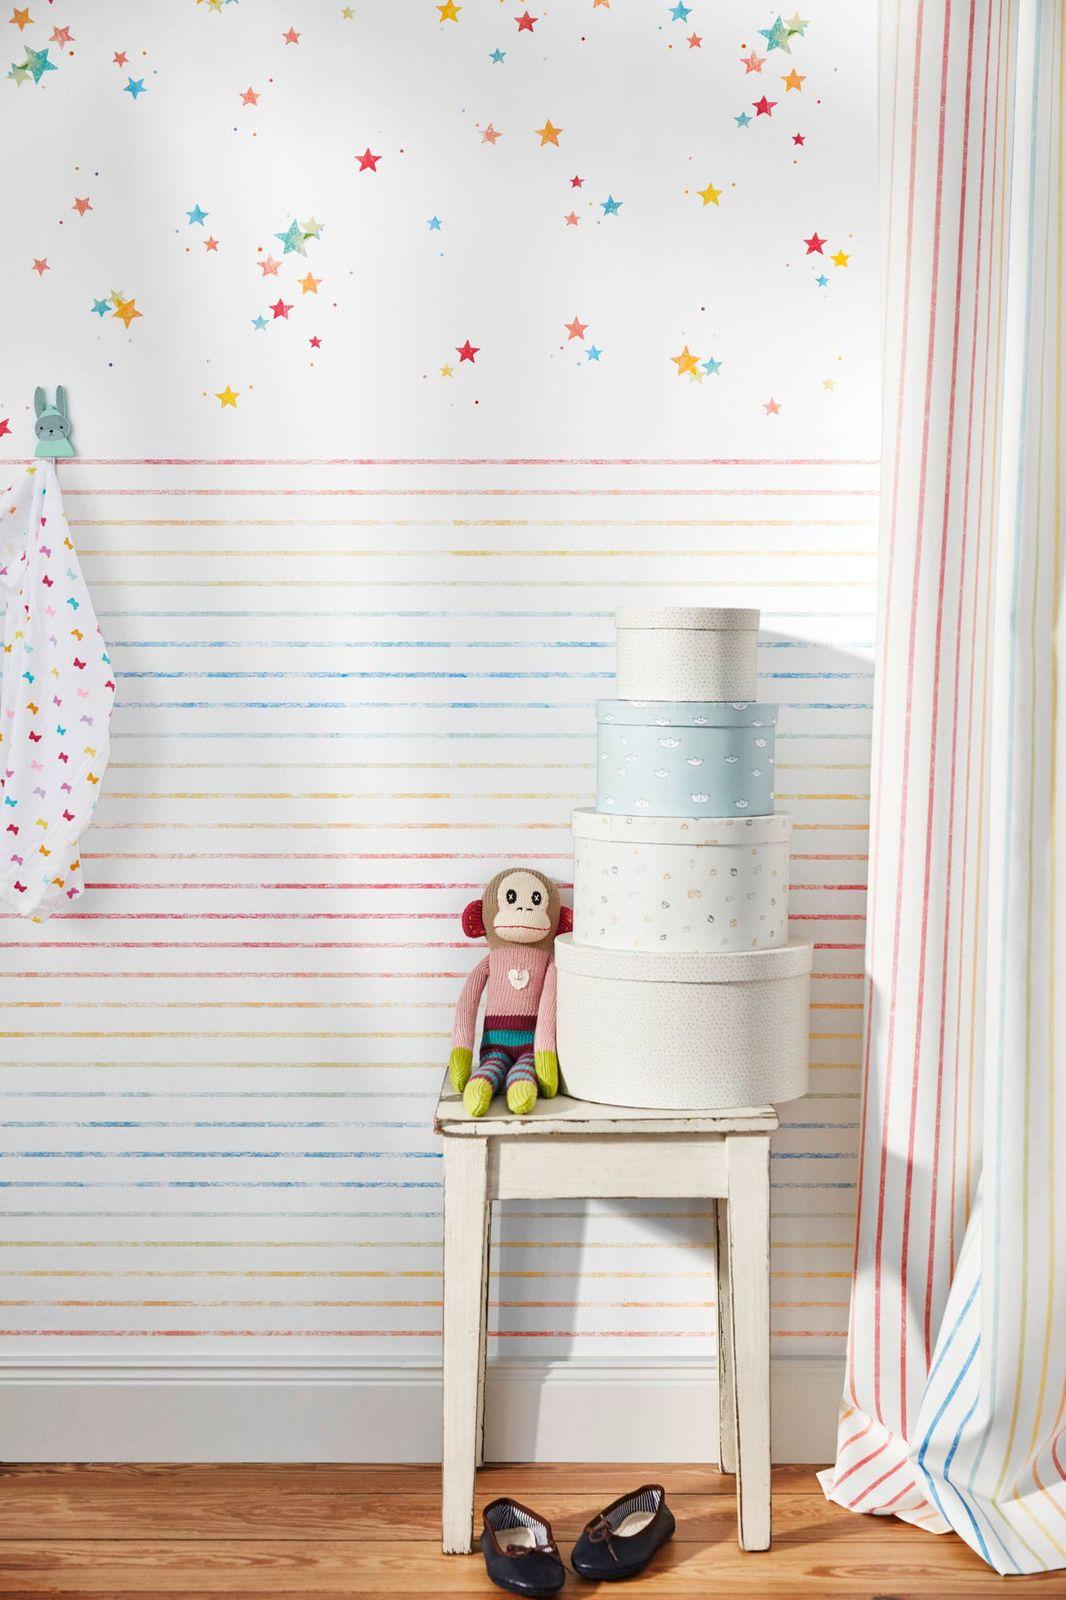 Full Size of Tapeten Für Kinderzimmer Esprit Kids Tapete Sterne Punkte Wei Bunt 35696 2 Spiegelschrank Bad Schlafzimmer Klimagerät Gardinen Wickelbrett Bett Hotel Kinderzimmer Tapeten Für Kinderzimmer